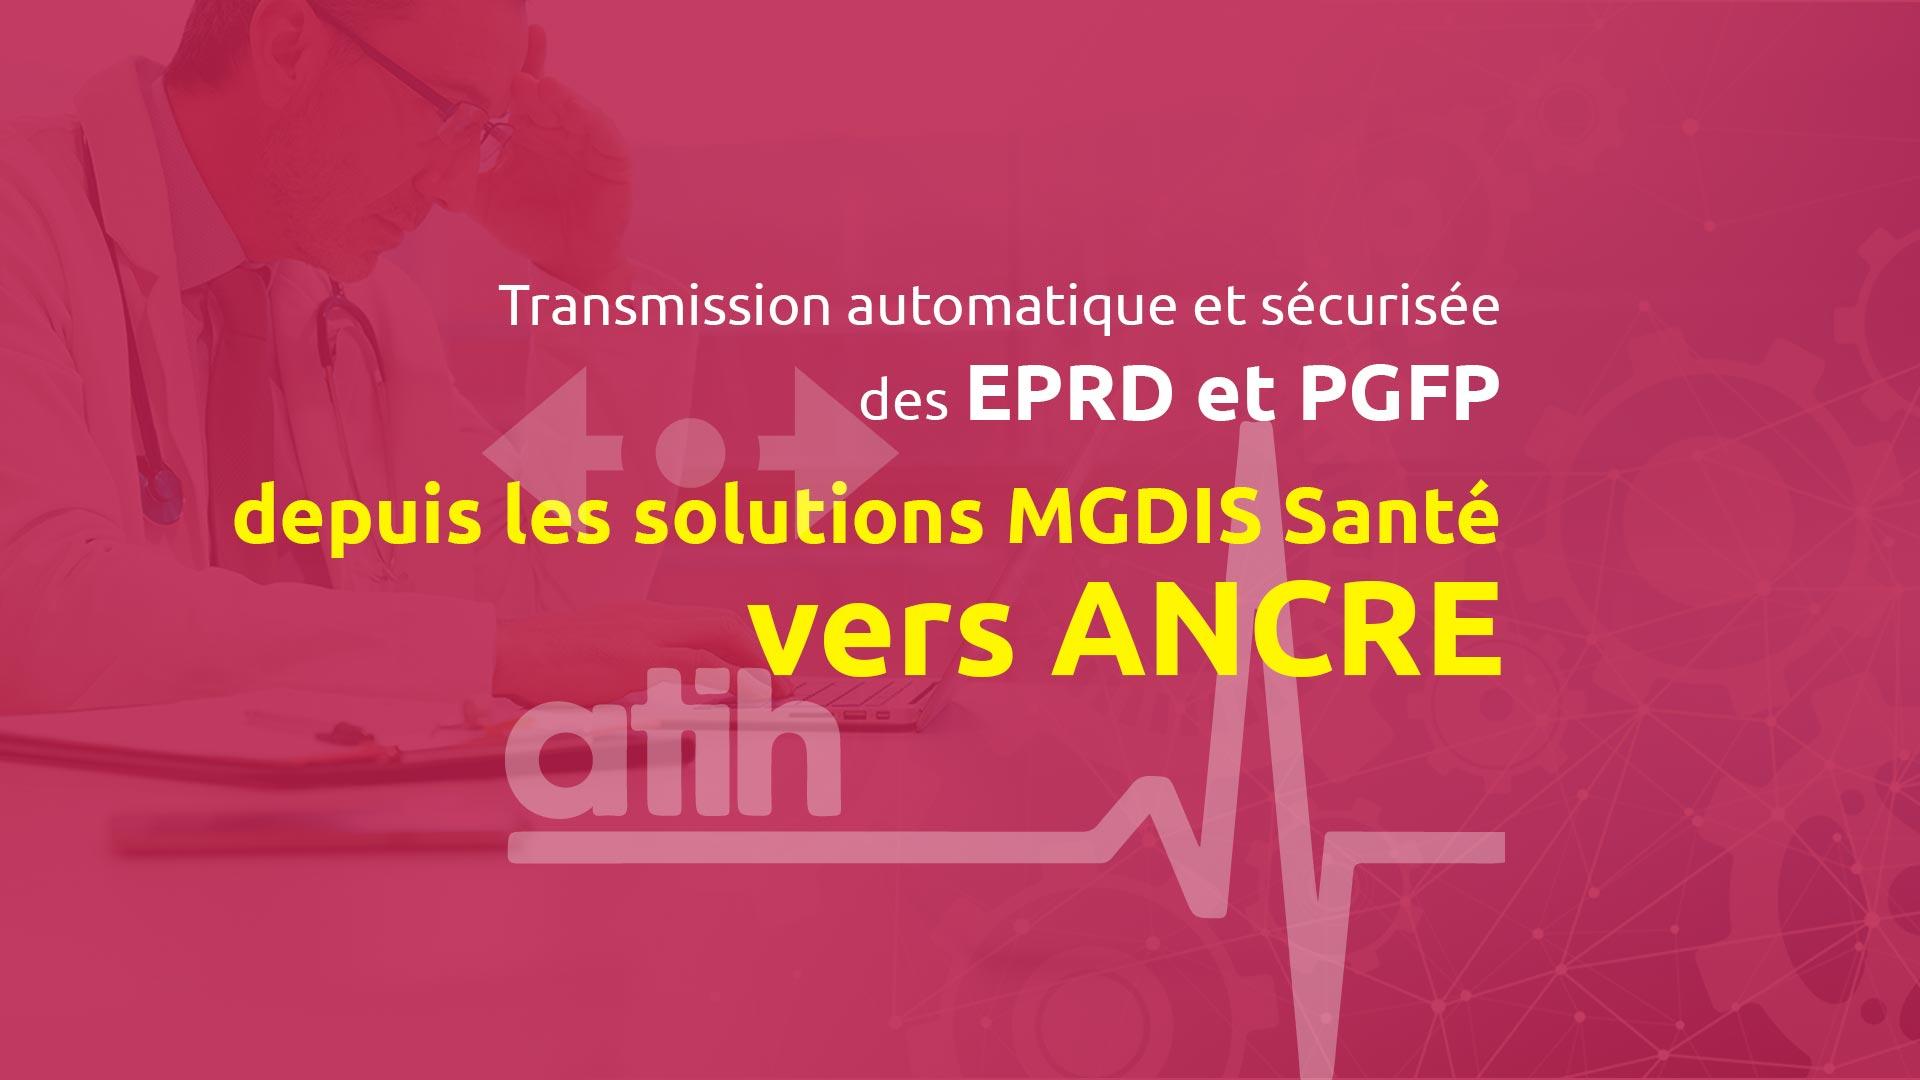 Transmission automatique et sécurisée des EPRD et PGFP depuis les solutions MGDIS vers ANCRE